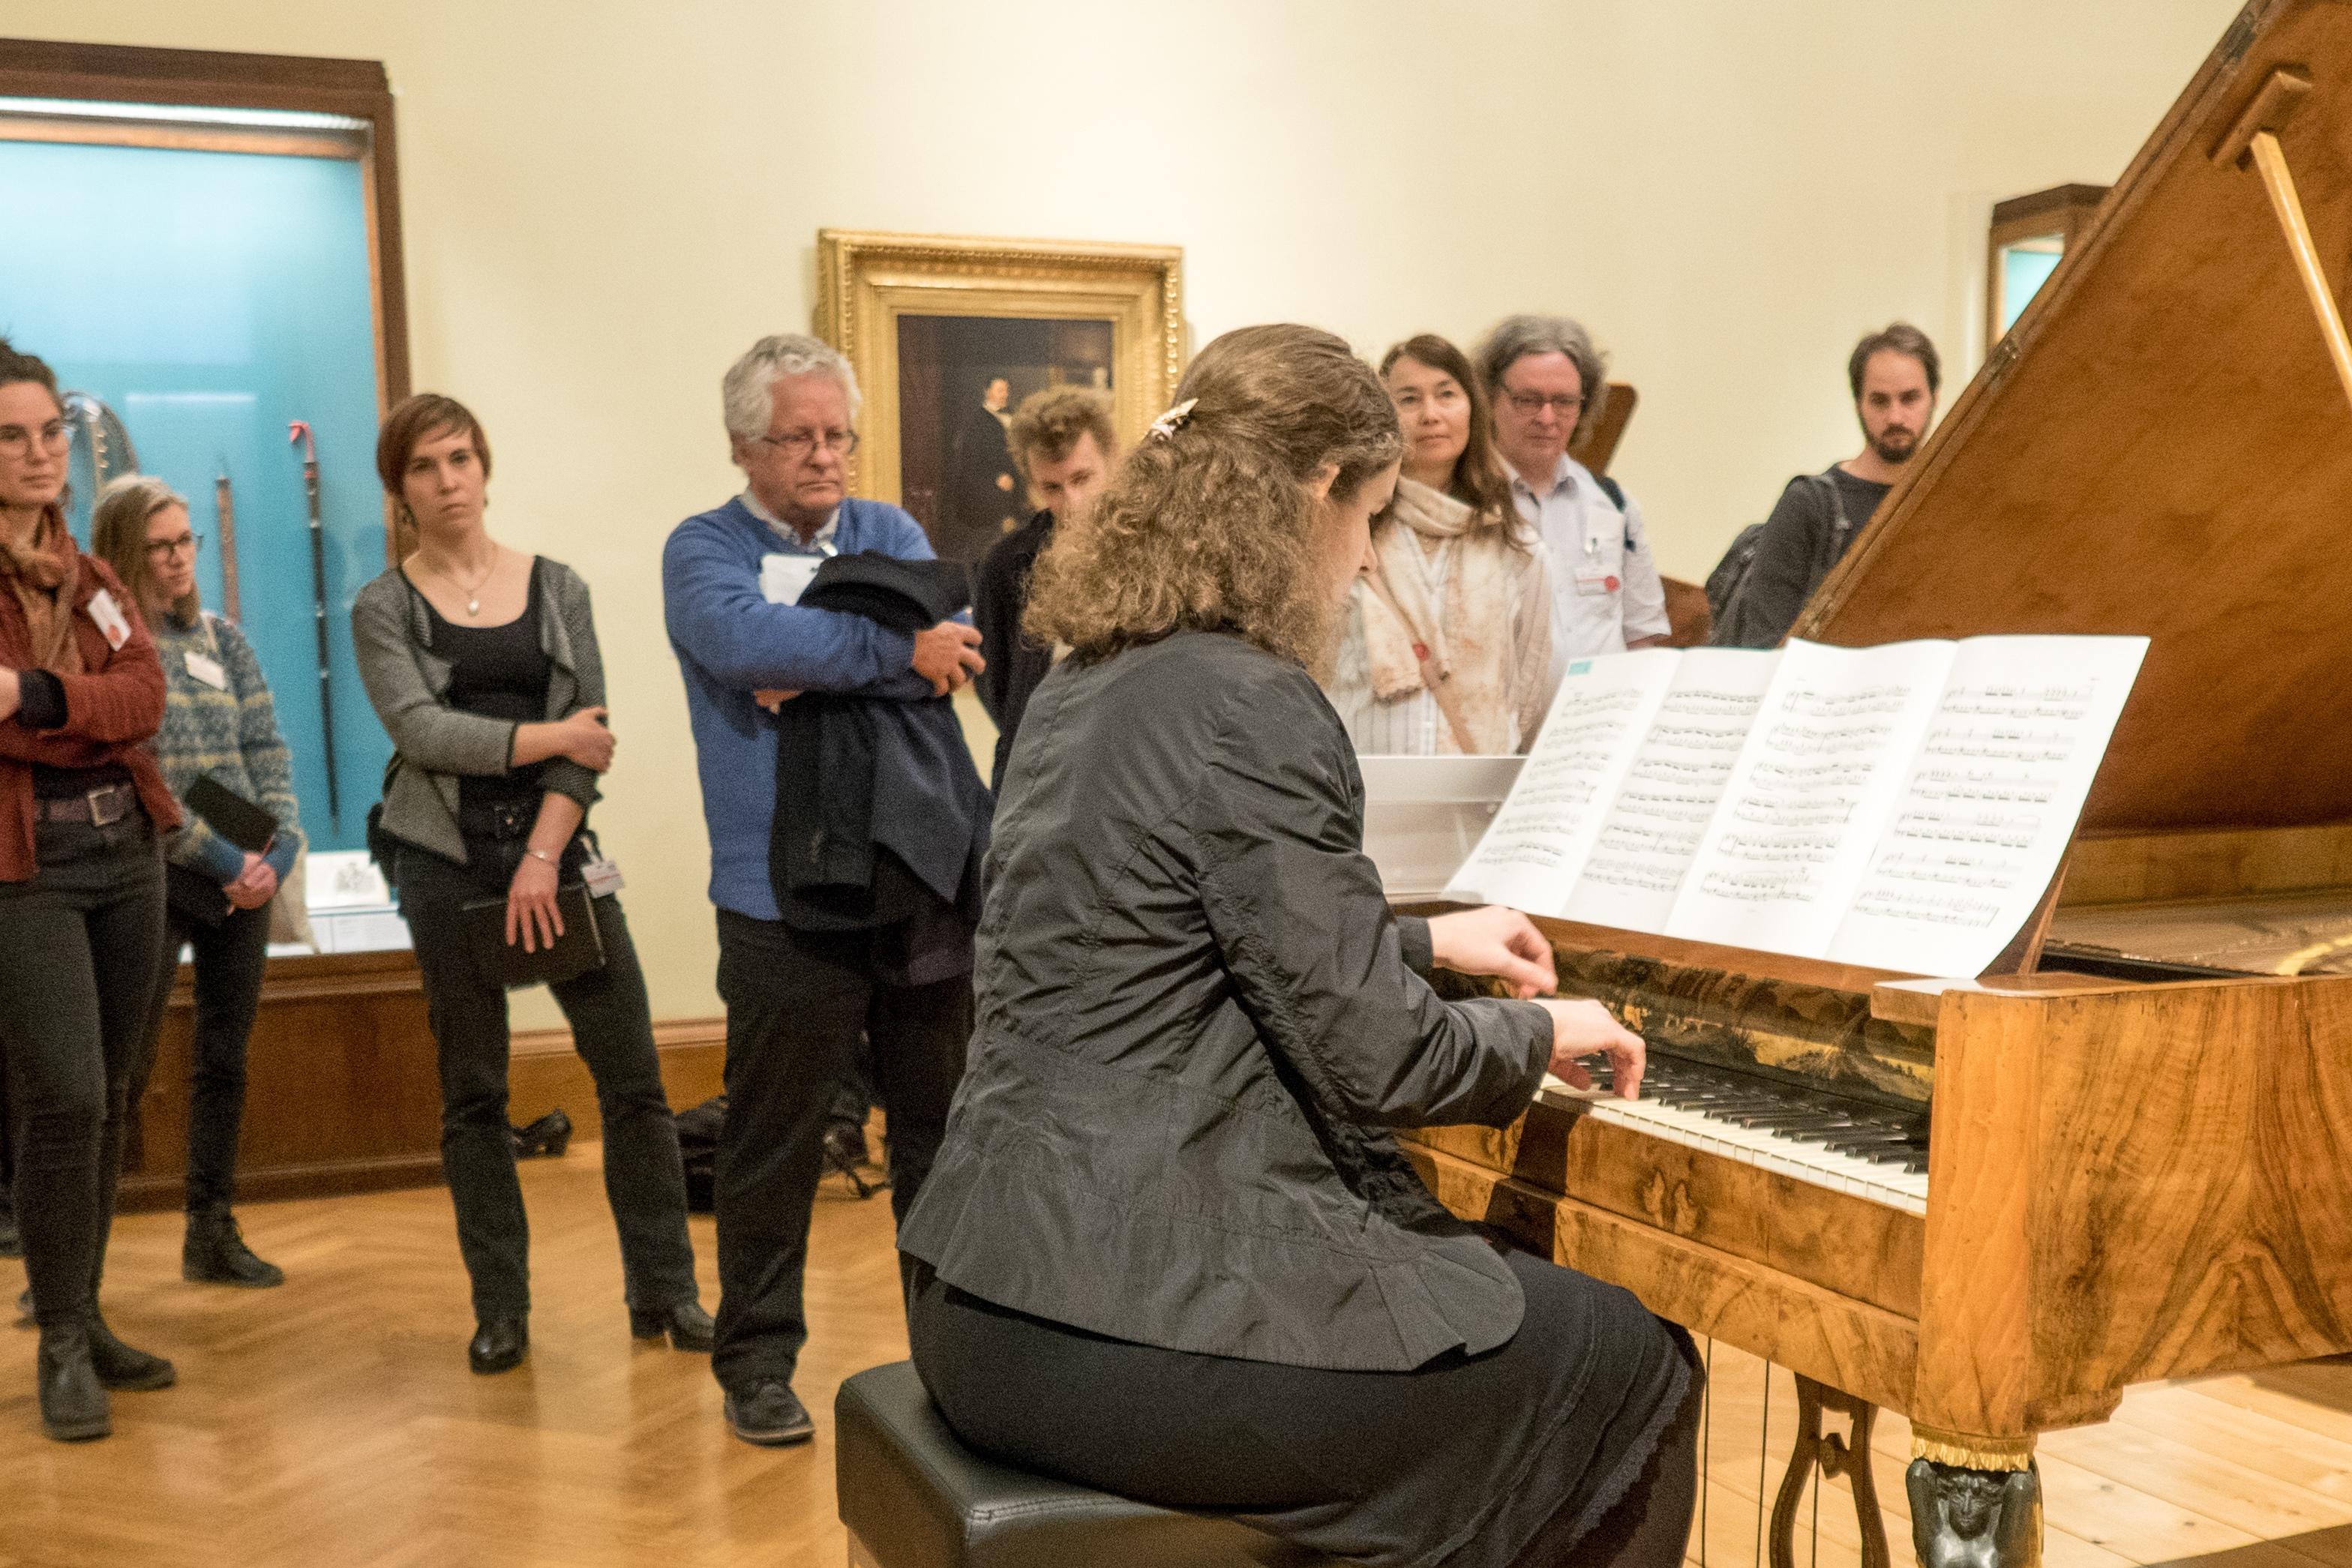 Treffen der Fachgruppe Musikinstrumente in Wien. Martin Vogelsanger referierte über seine Diplomarbeit an der HdK Bern, den Hammerflügel von Franz Dorn, Wien ca. 1815, hier musikalisch vorgestellt durch die Pianistin Ines Schüttengruber (Foto: Markus Brosig)